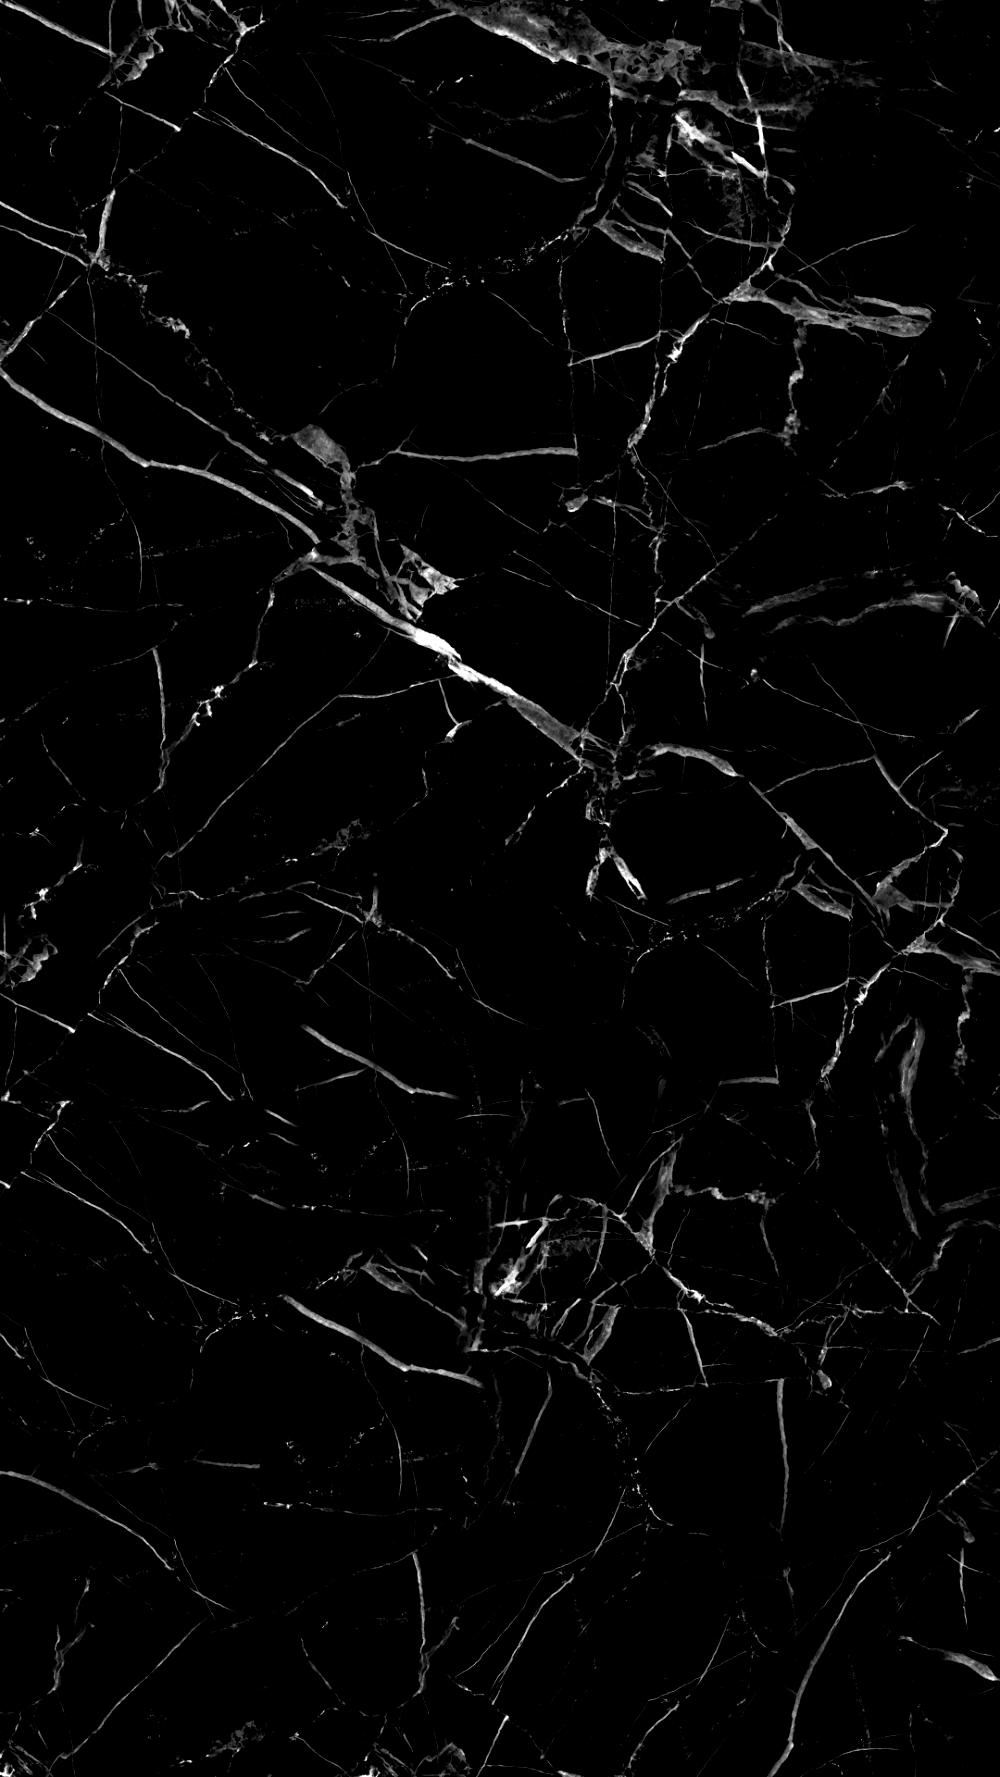 Iphone4 Broken Glass Screen Jpg 640 960 Wattpad Background Broken Glass Wallpaper Wattpad Cover Template